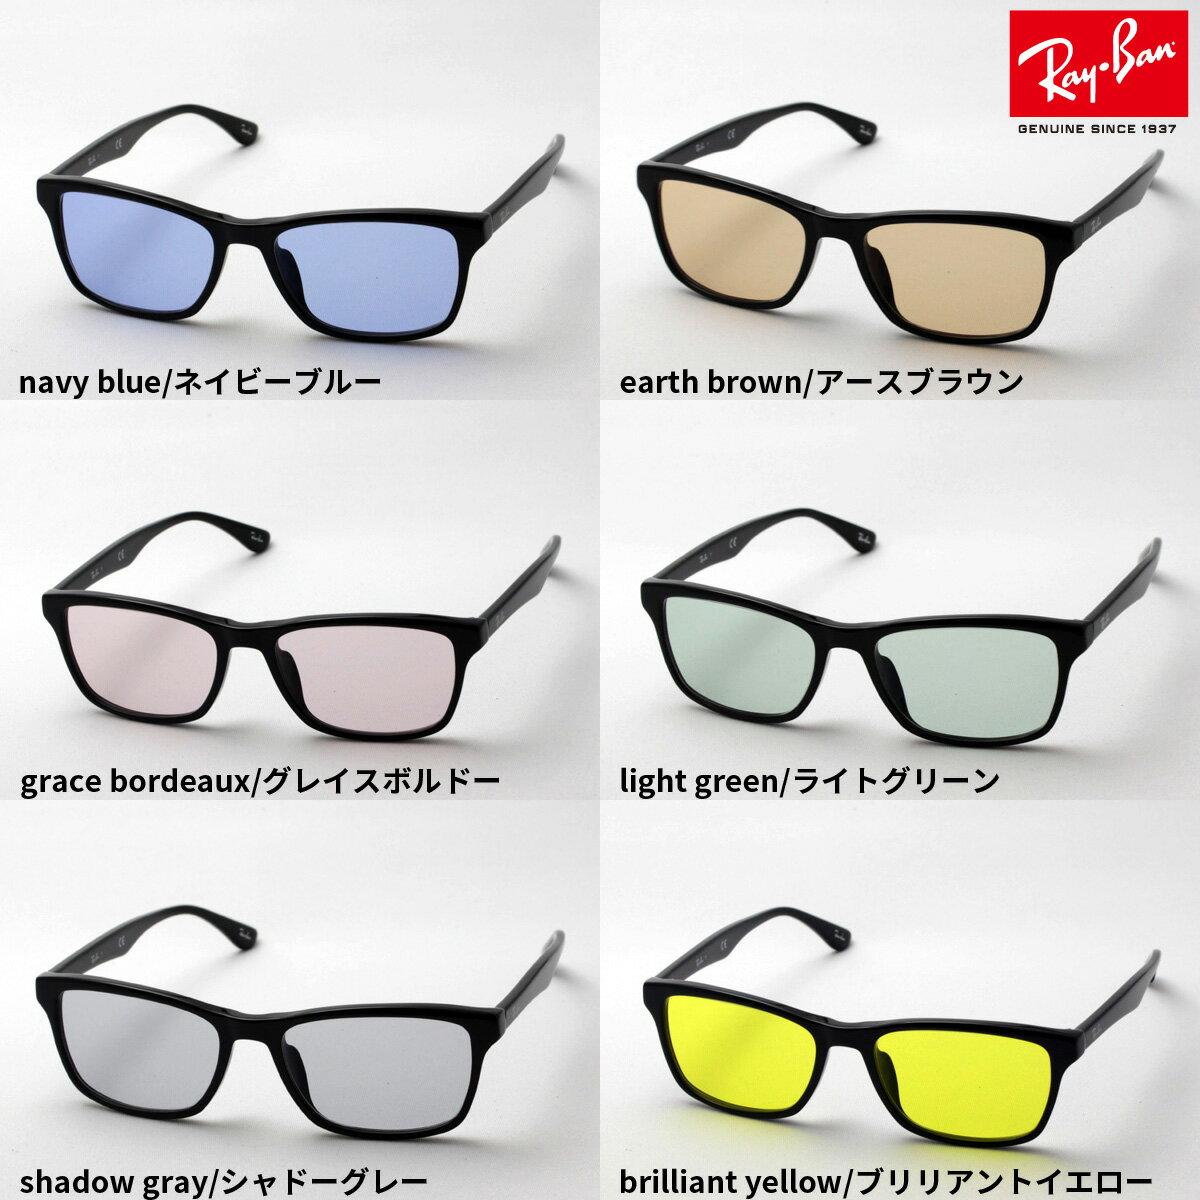 正規レイバン 日本最大級の品揃え レイバン サングラス Ray-Ban RX5279F 2000 世界最高峰レンズメーカーHOYA製 ライトカラー レディース メンズ メガネ メガネフレーム RayBan light color ウェリントン